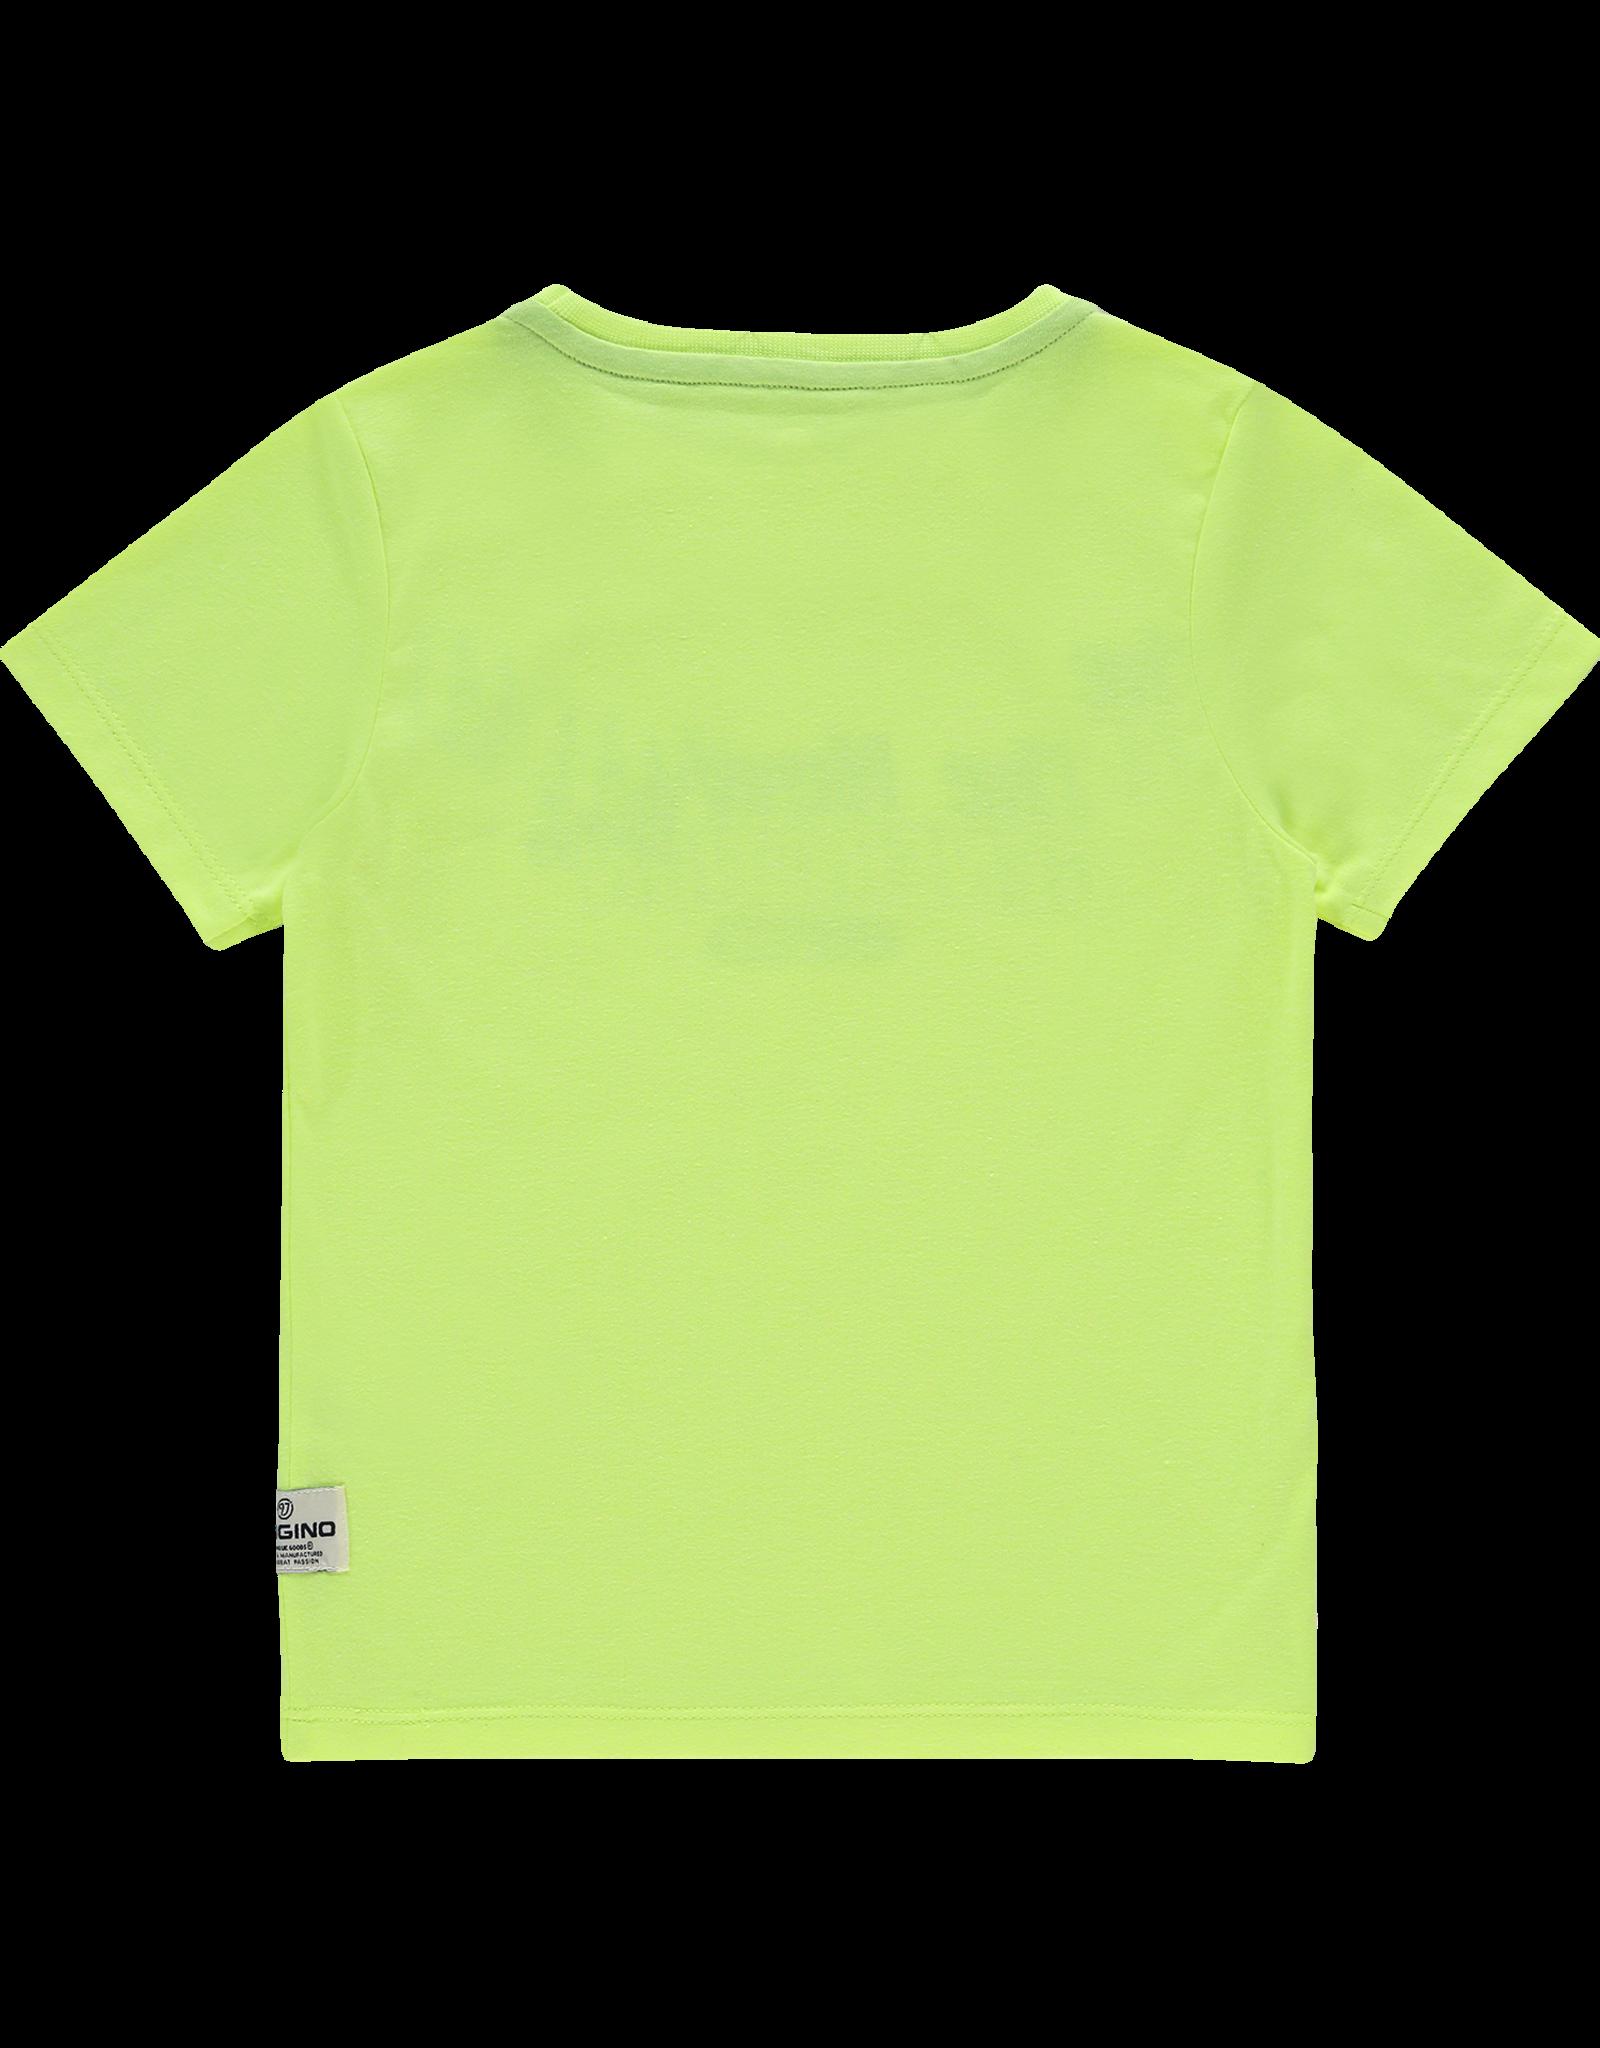 Vingino Hero 331 Fresh Neon Yellow